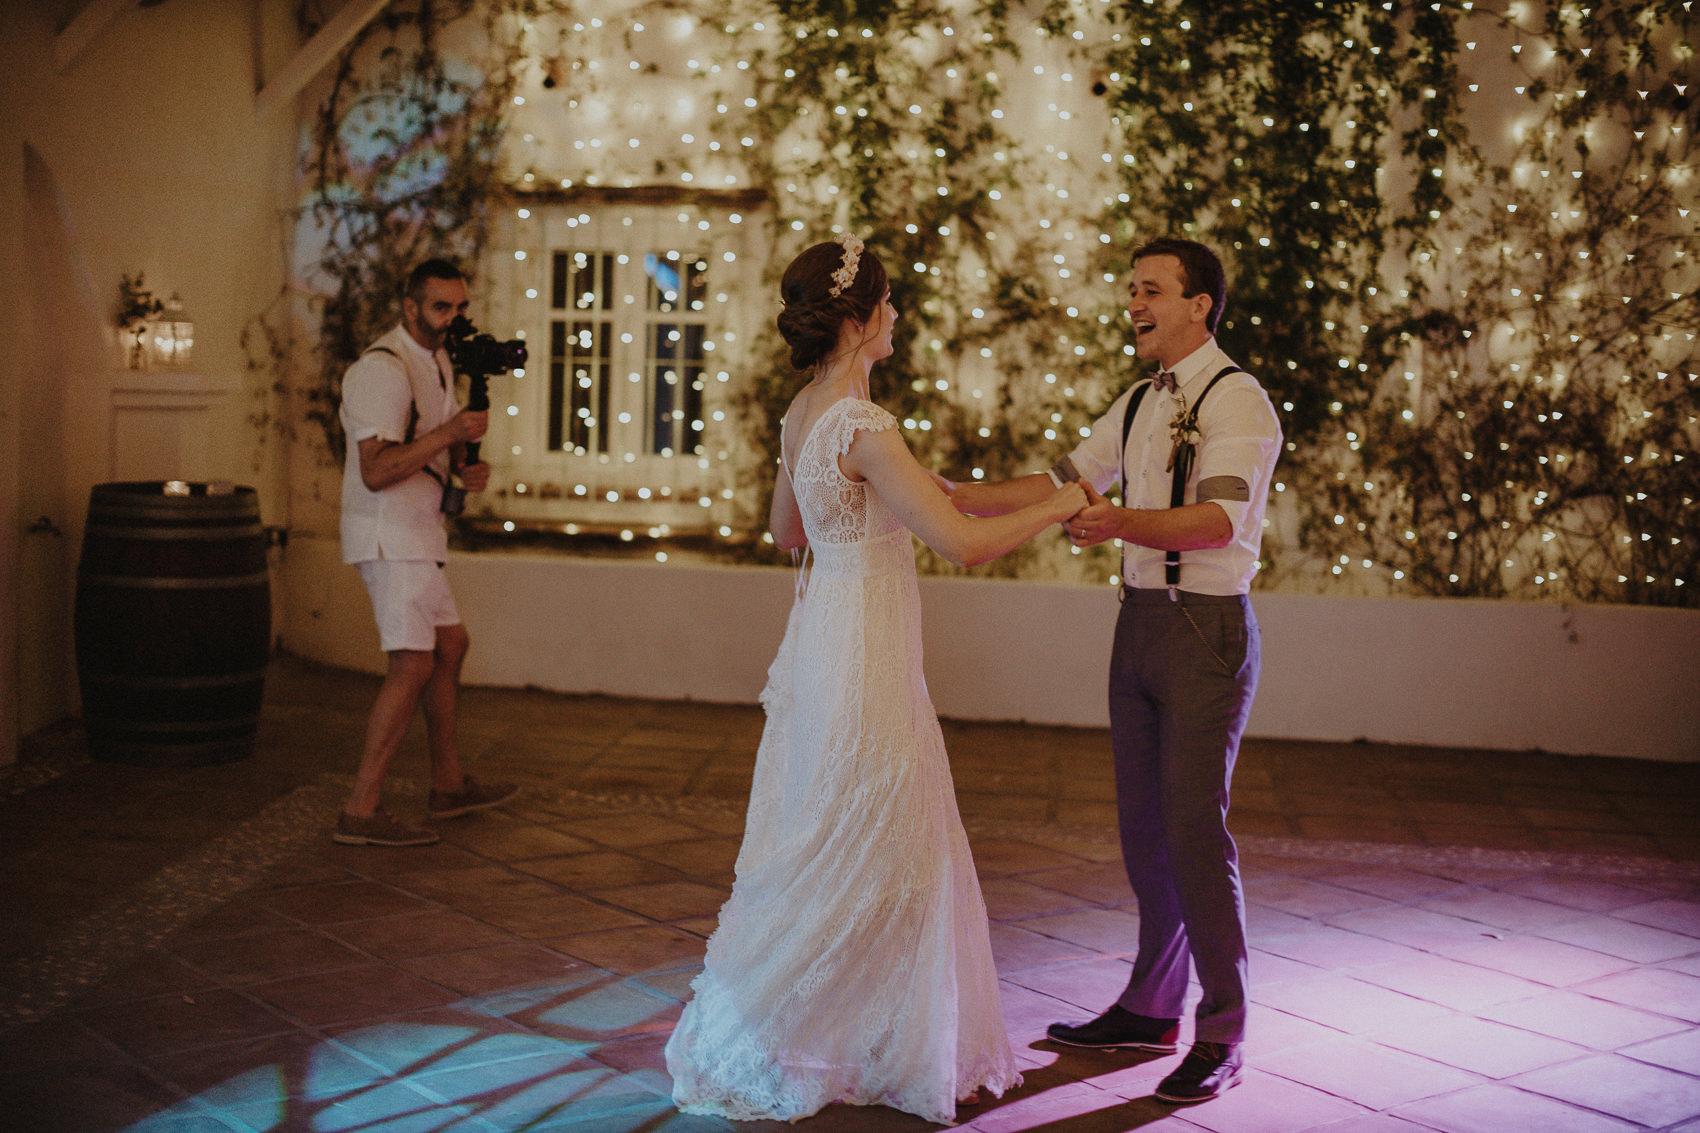 Sarah & Bill | Summer wedding at Cortijo Rosa Blanca | Marbella - Spain 155